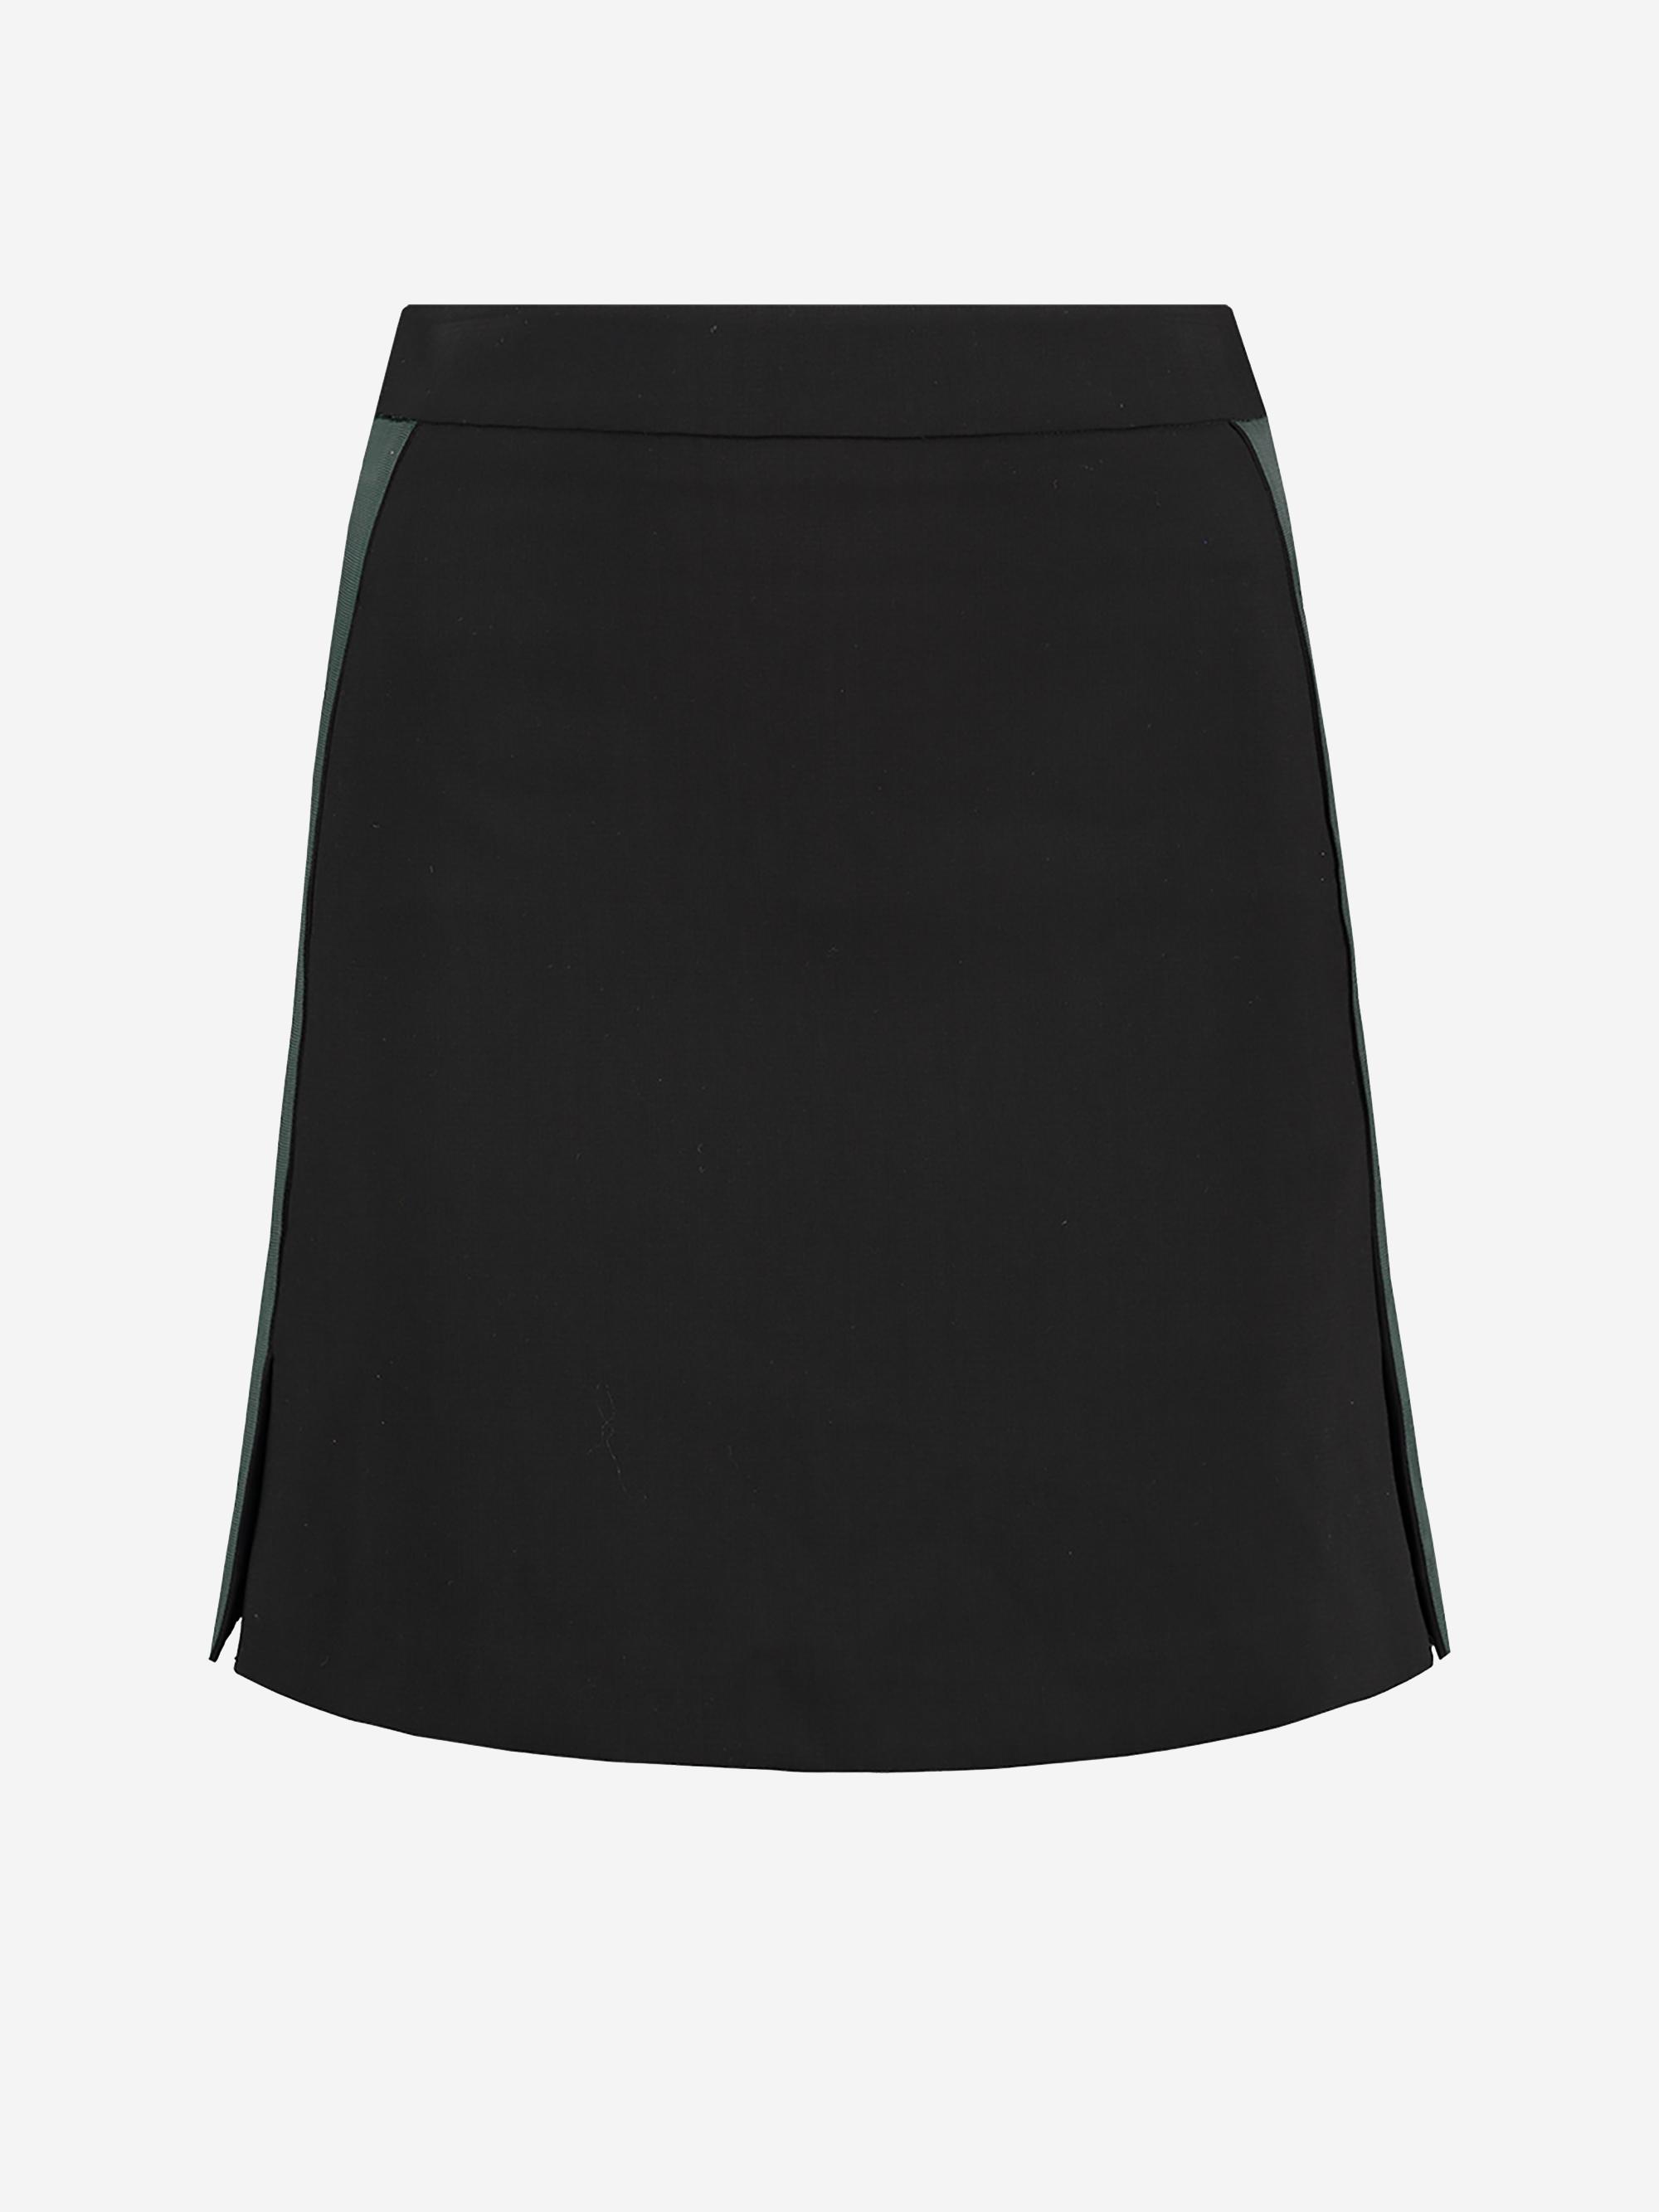 Zwarte dames rok met groene bies Nikkie - Lola Skirt - N3-505 1905 9000